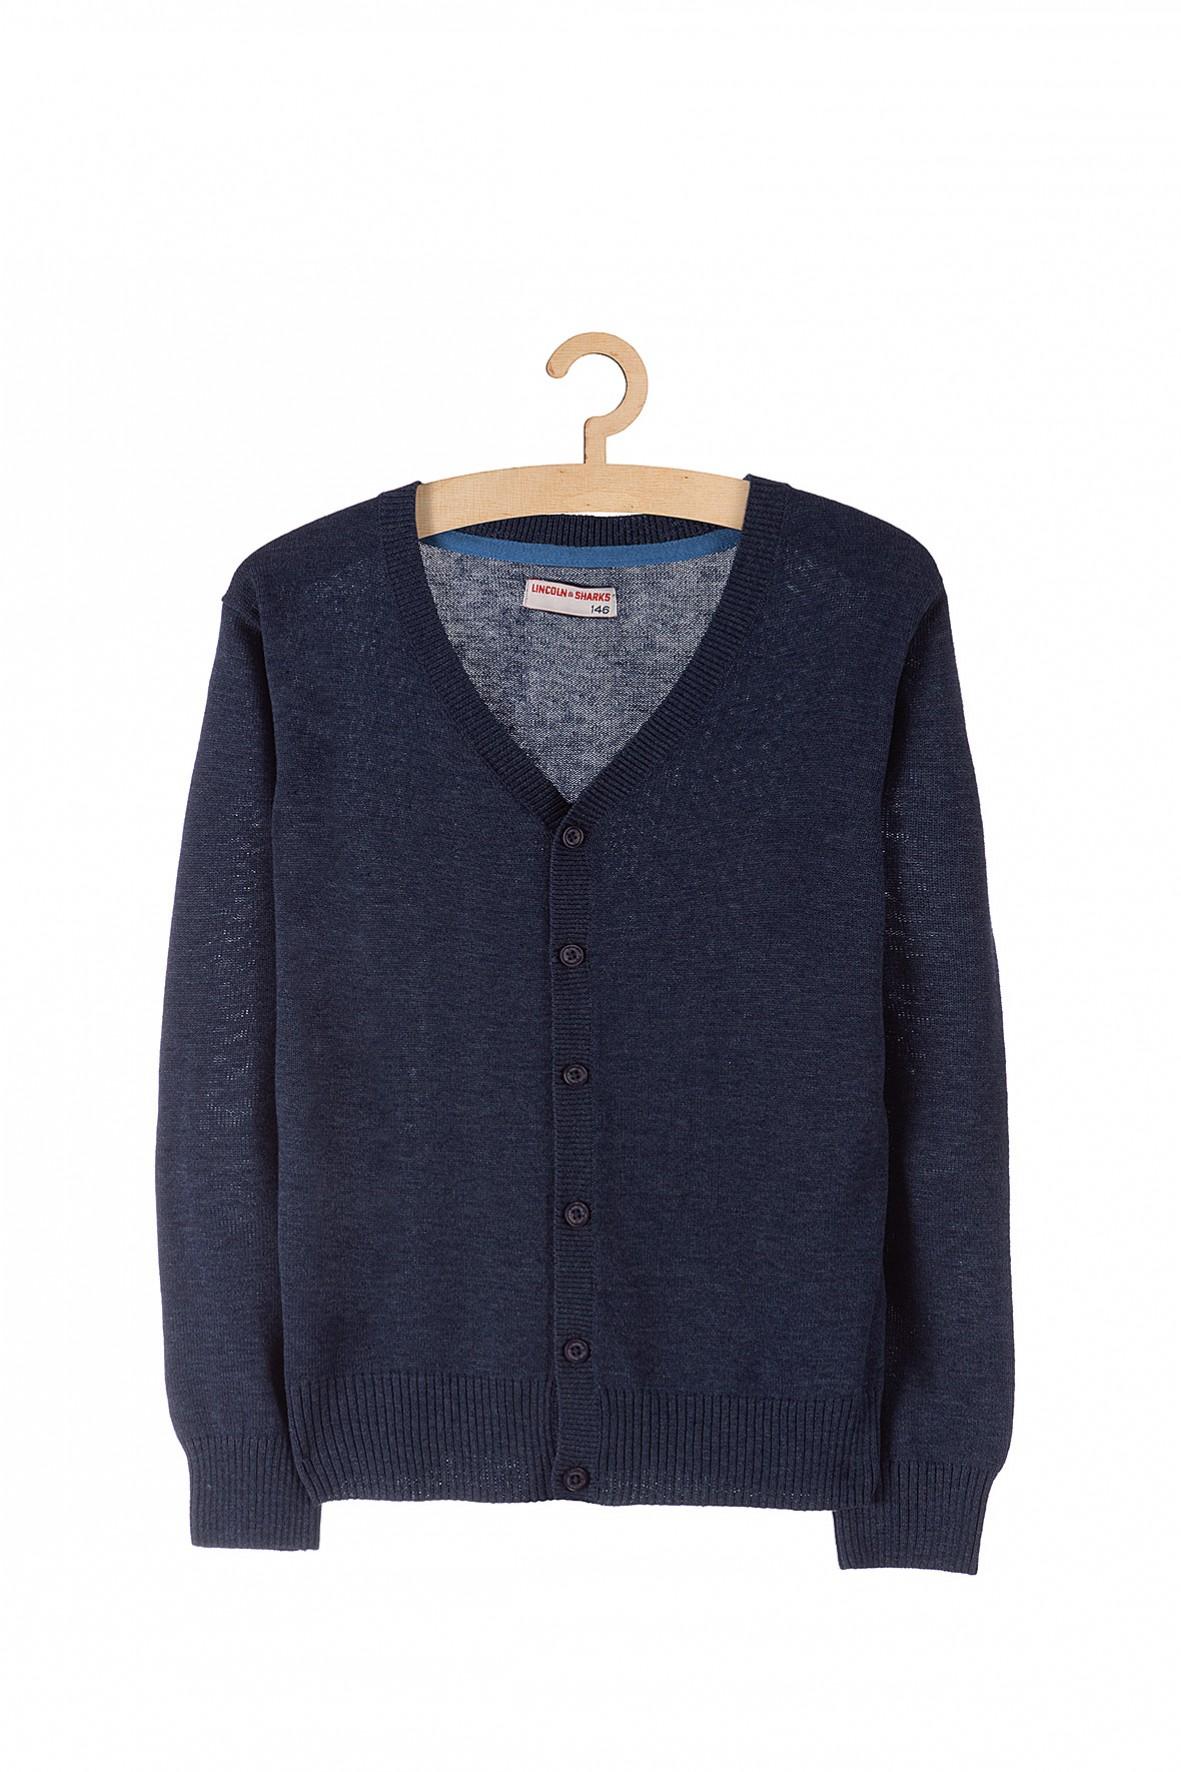 Elegancki granatowy sweter dla chłopca